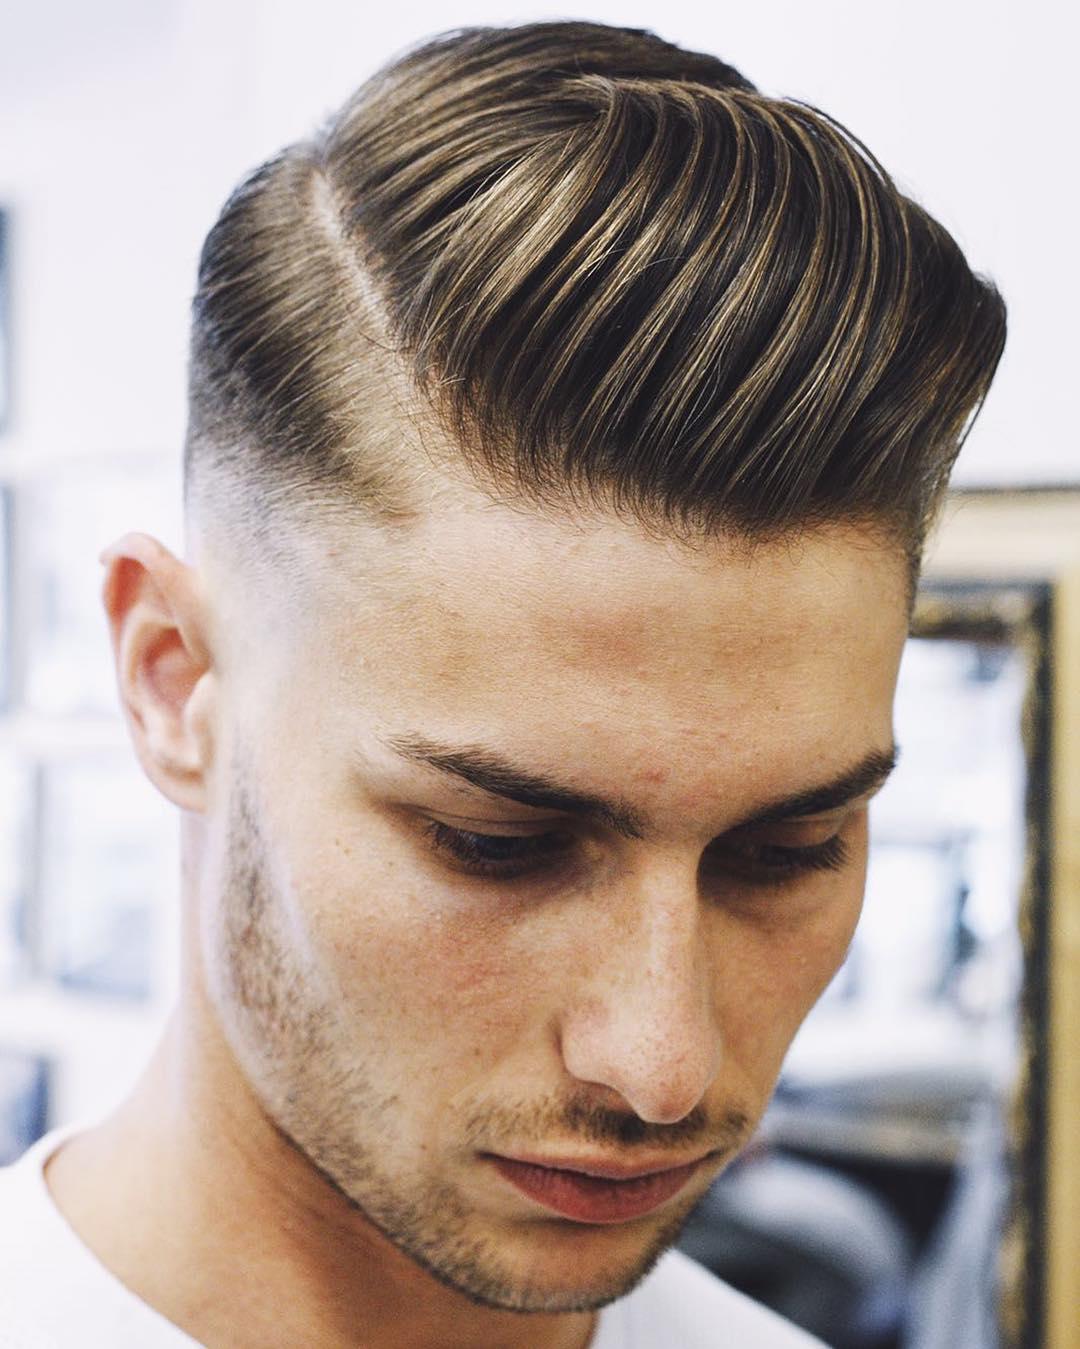 corte de cabelo masculino 2017 topete